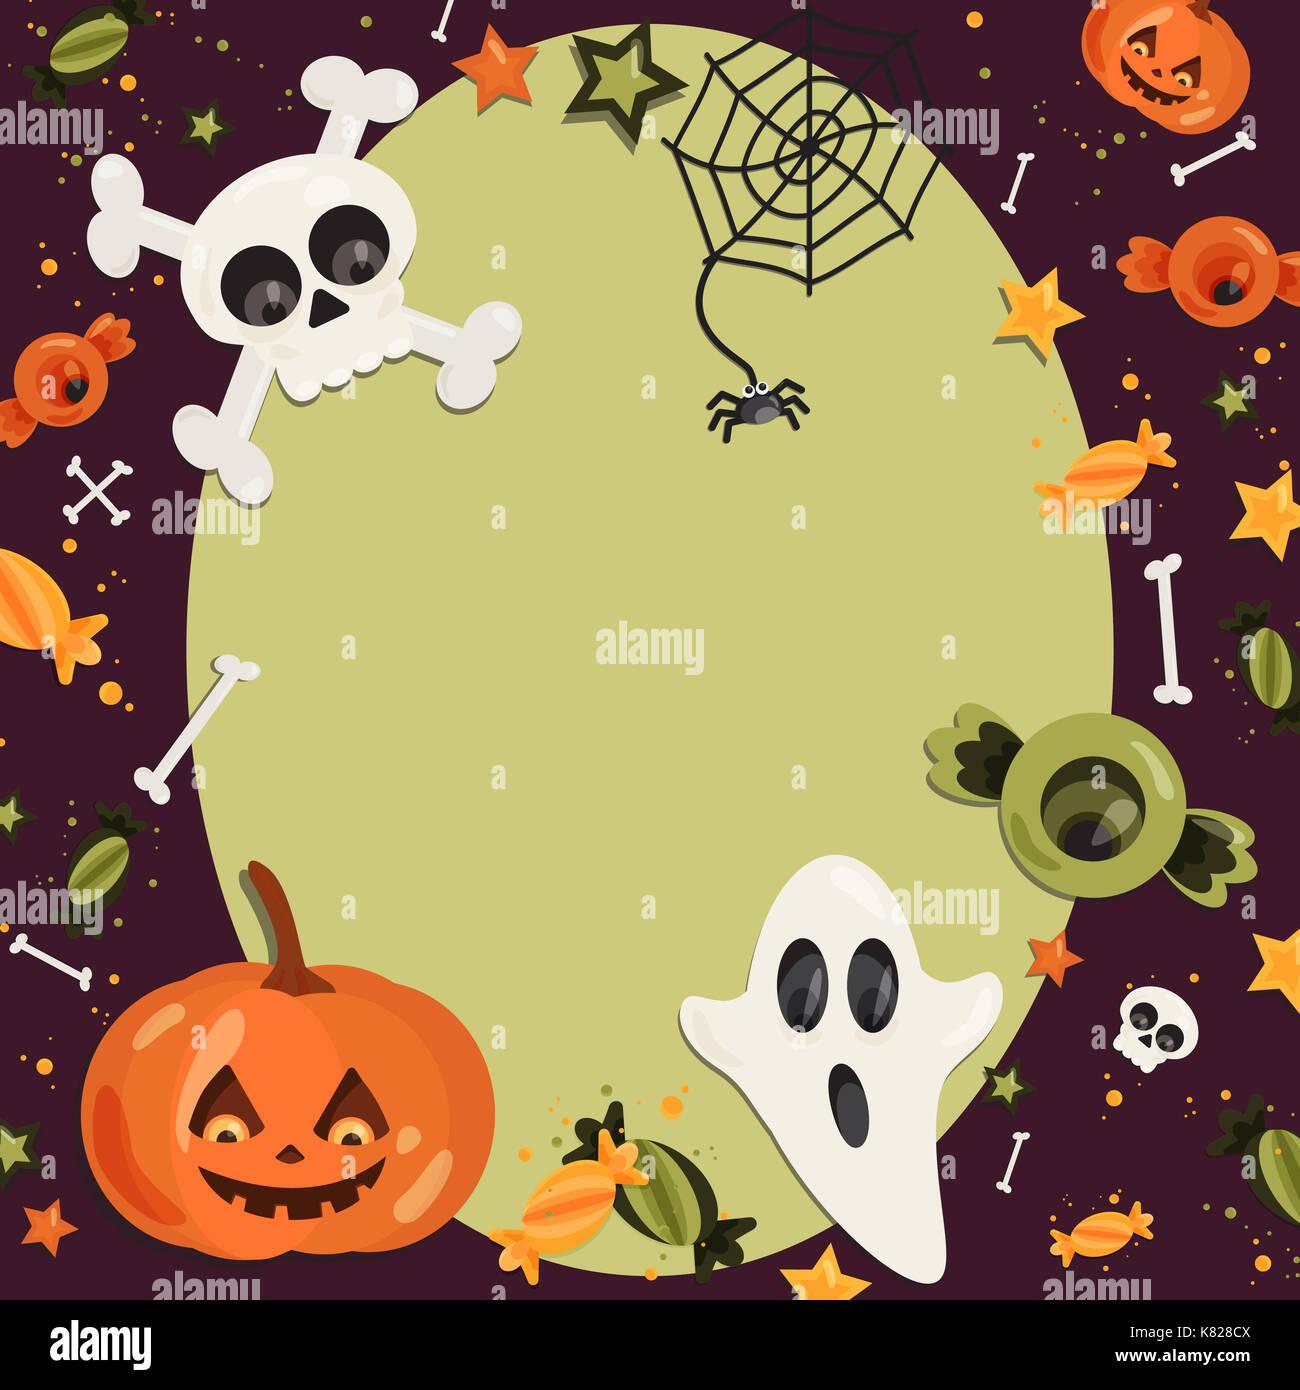 Halloween cartoon Art im flachen Stil. Grüner Hintergrund, Rahmen ...